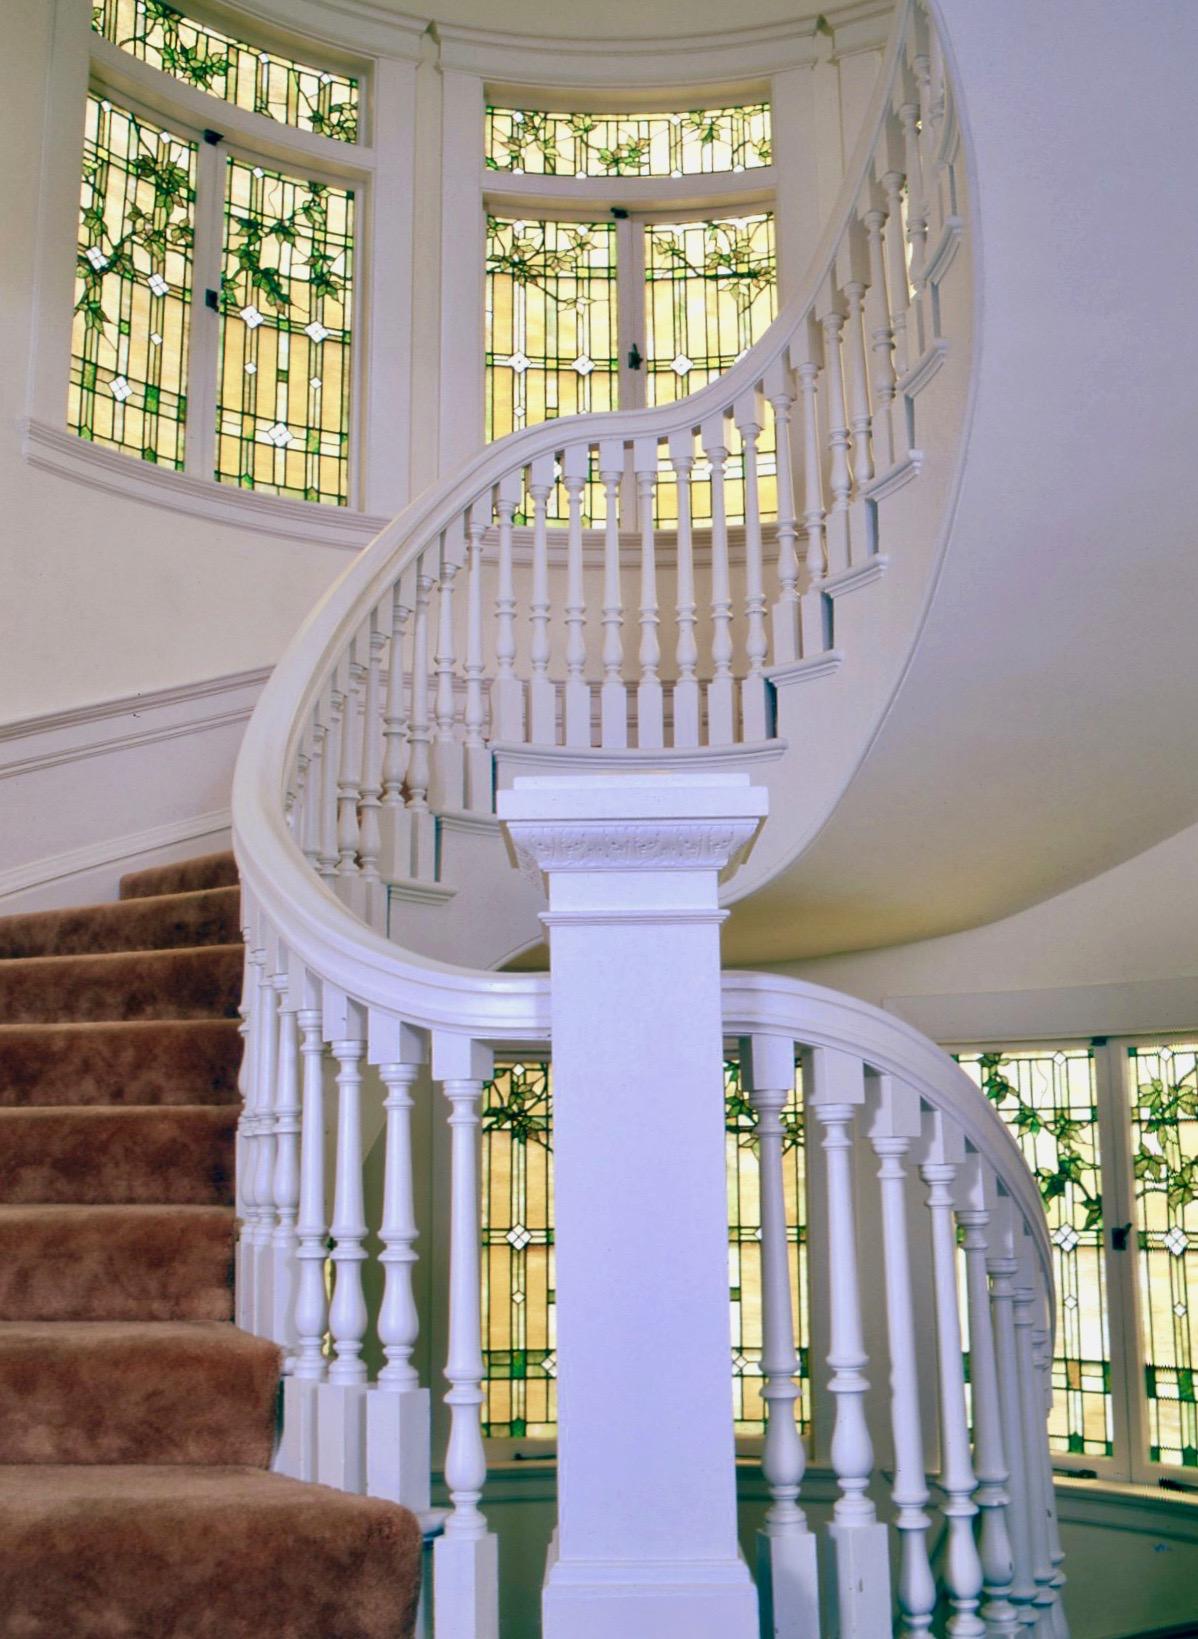 21 Preisio Terrace stair 2.jpg